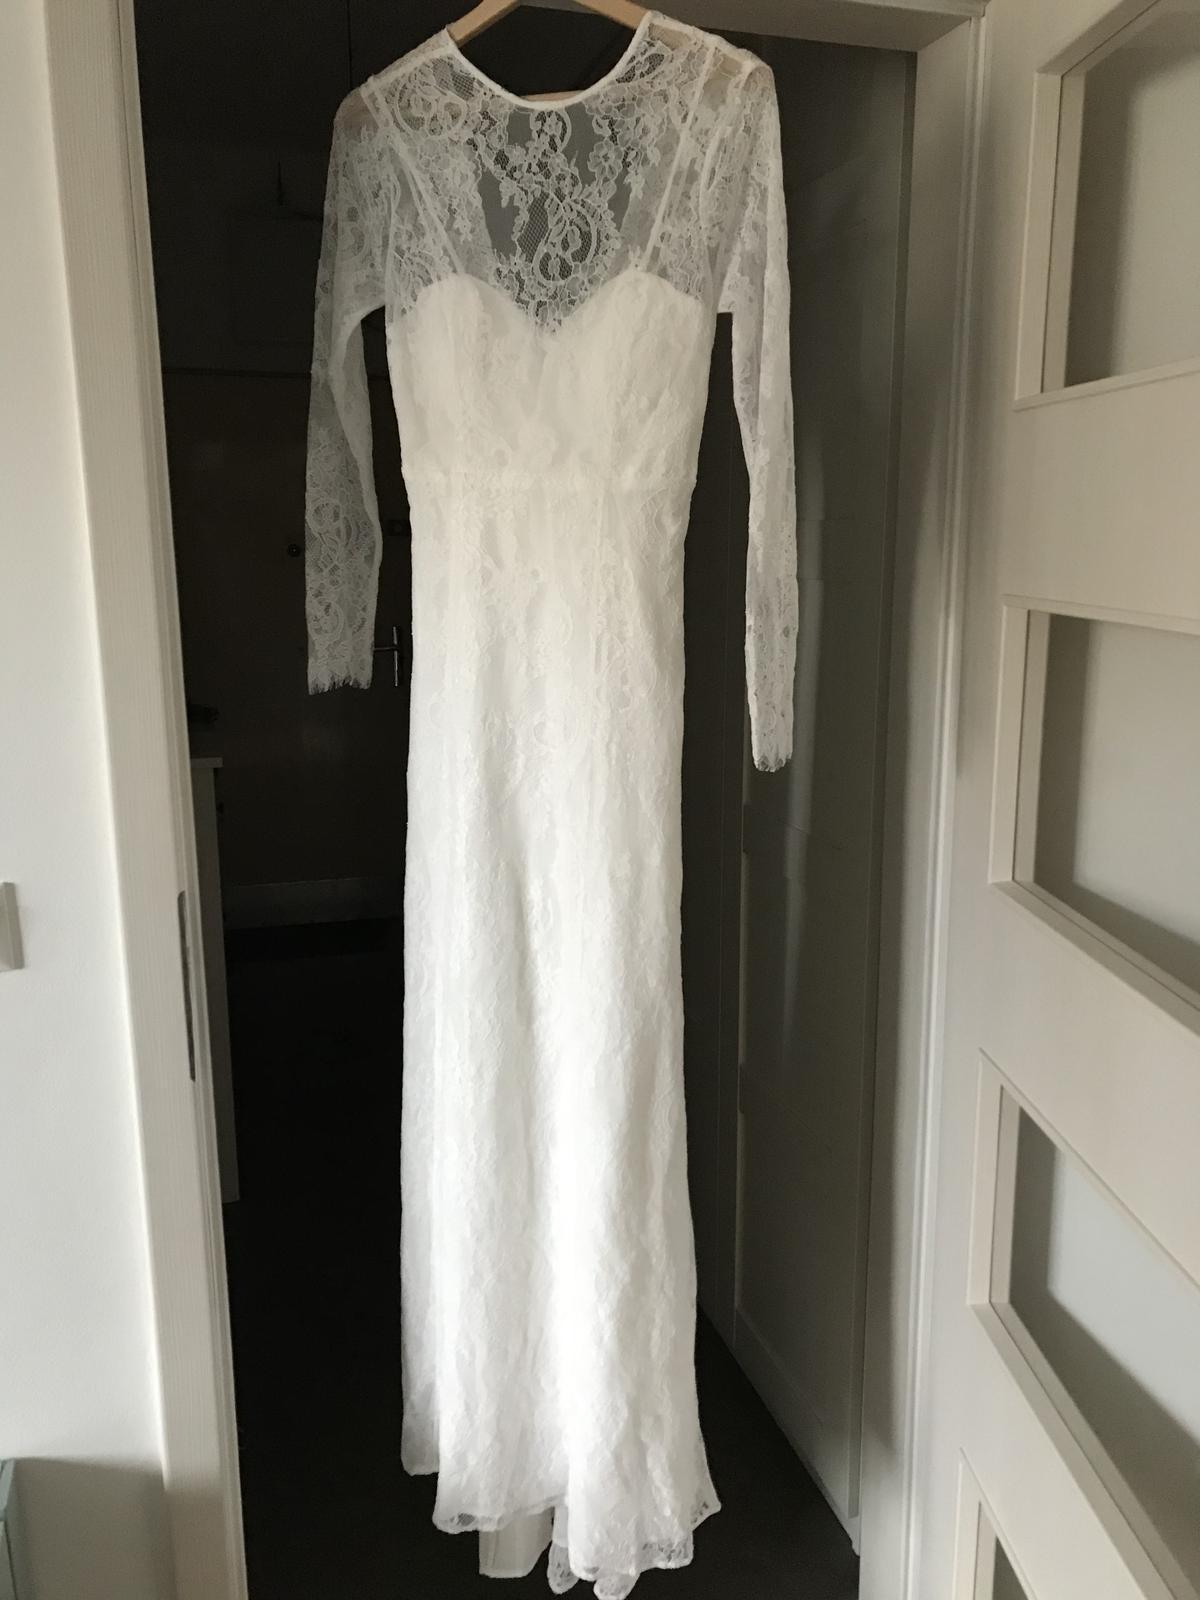 Svatební šaty s odhalenými zády, vel. 36, nenošené - Obrázek č. 2